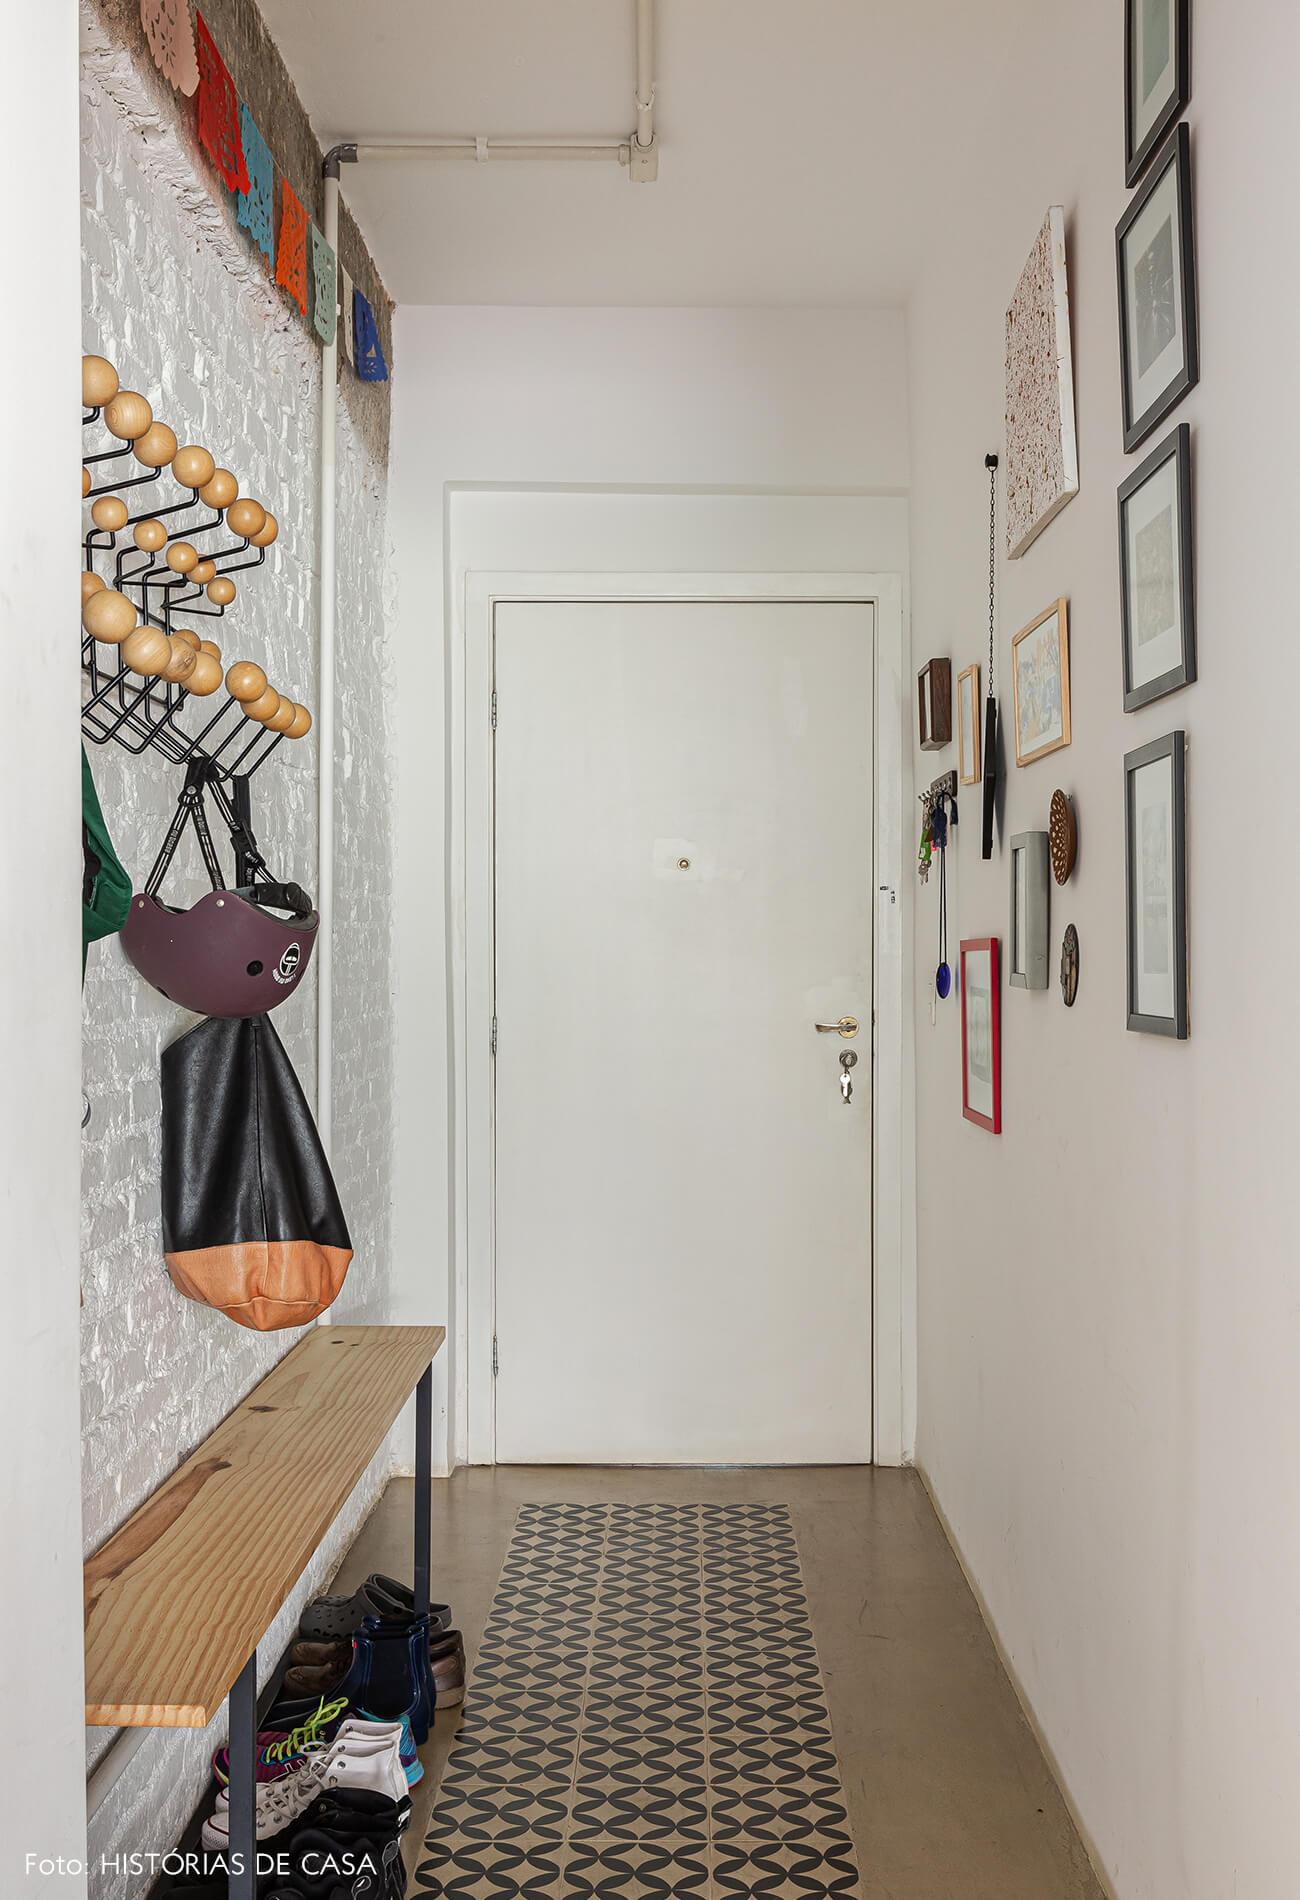 Apartamento térreo, hall de entrada com piso de ladrilhos